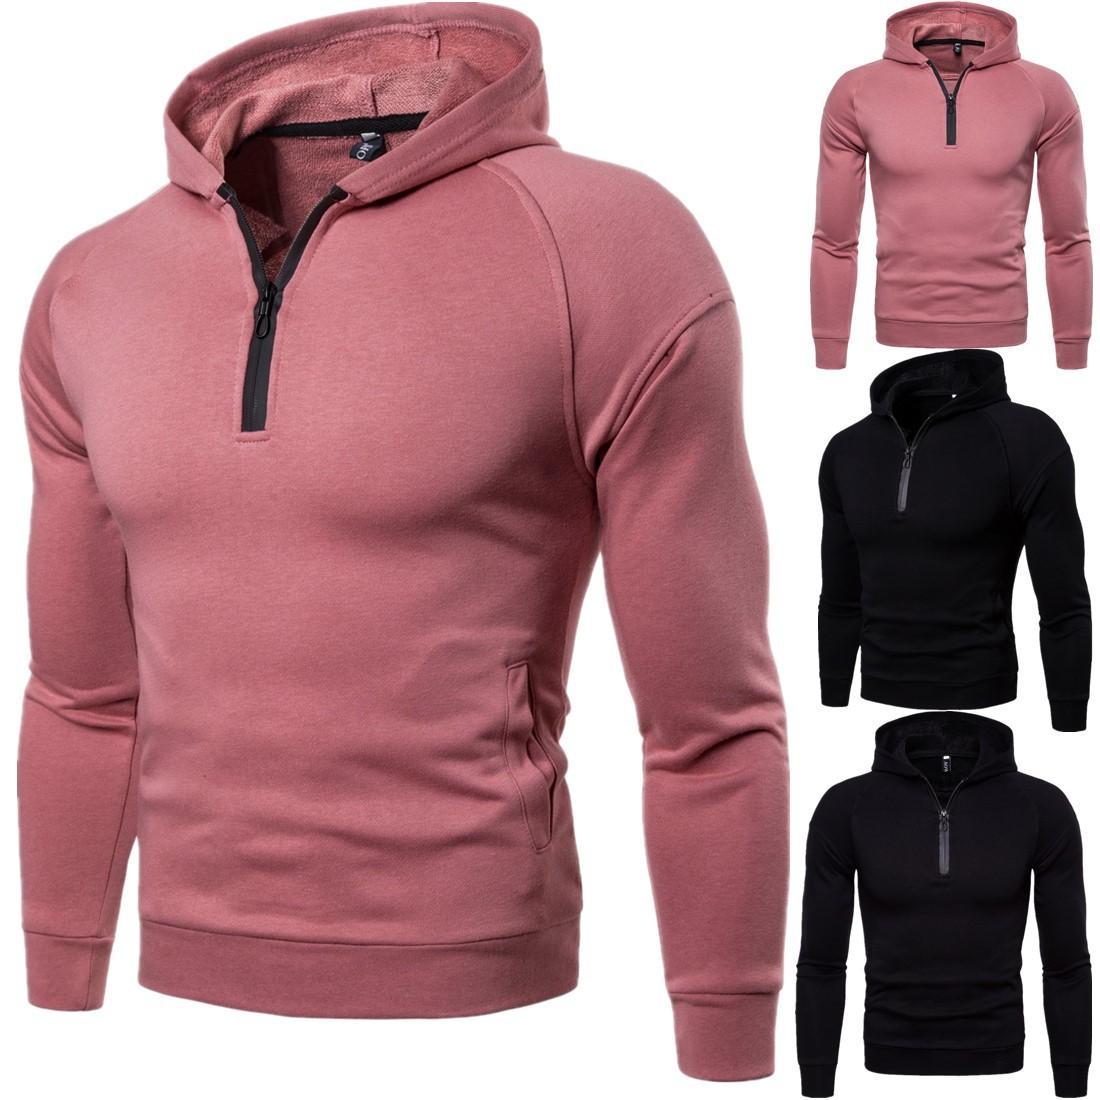 Erkek Kapüşonlular 2020 Yeni Geliş Moda Günlük Yüksek Kalite Uzun Kollu O-Boyun Tişörtü Pembe Siyah PH-SL200623